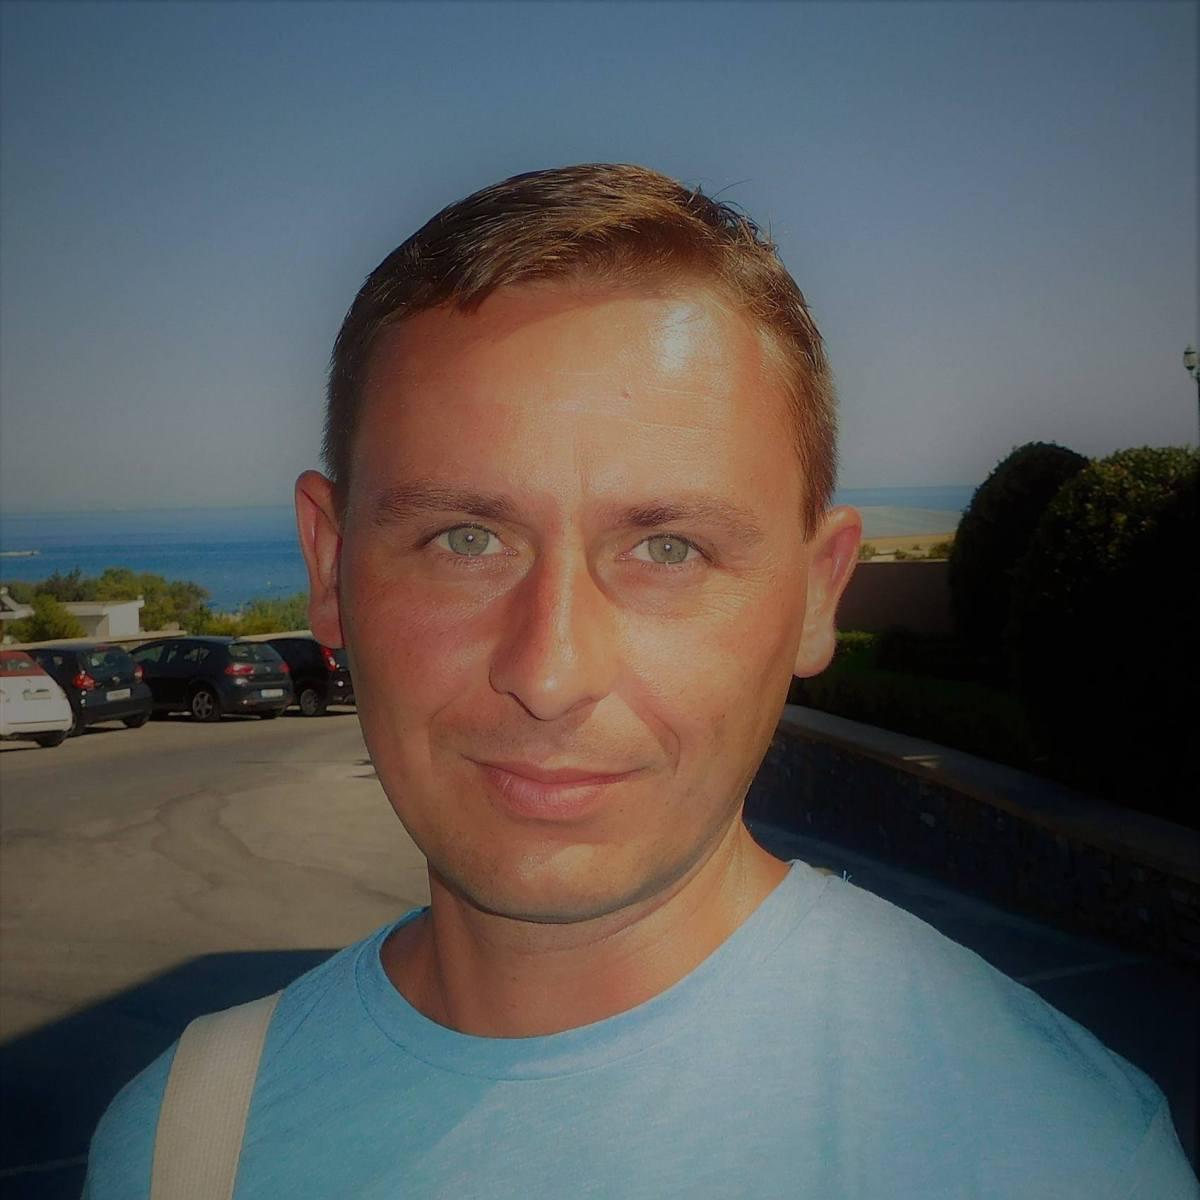 Tomasz Wołyniec